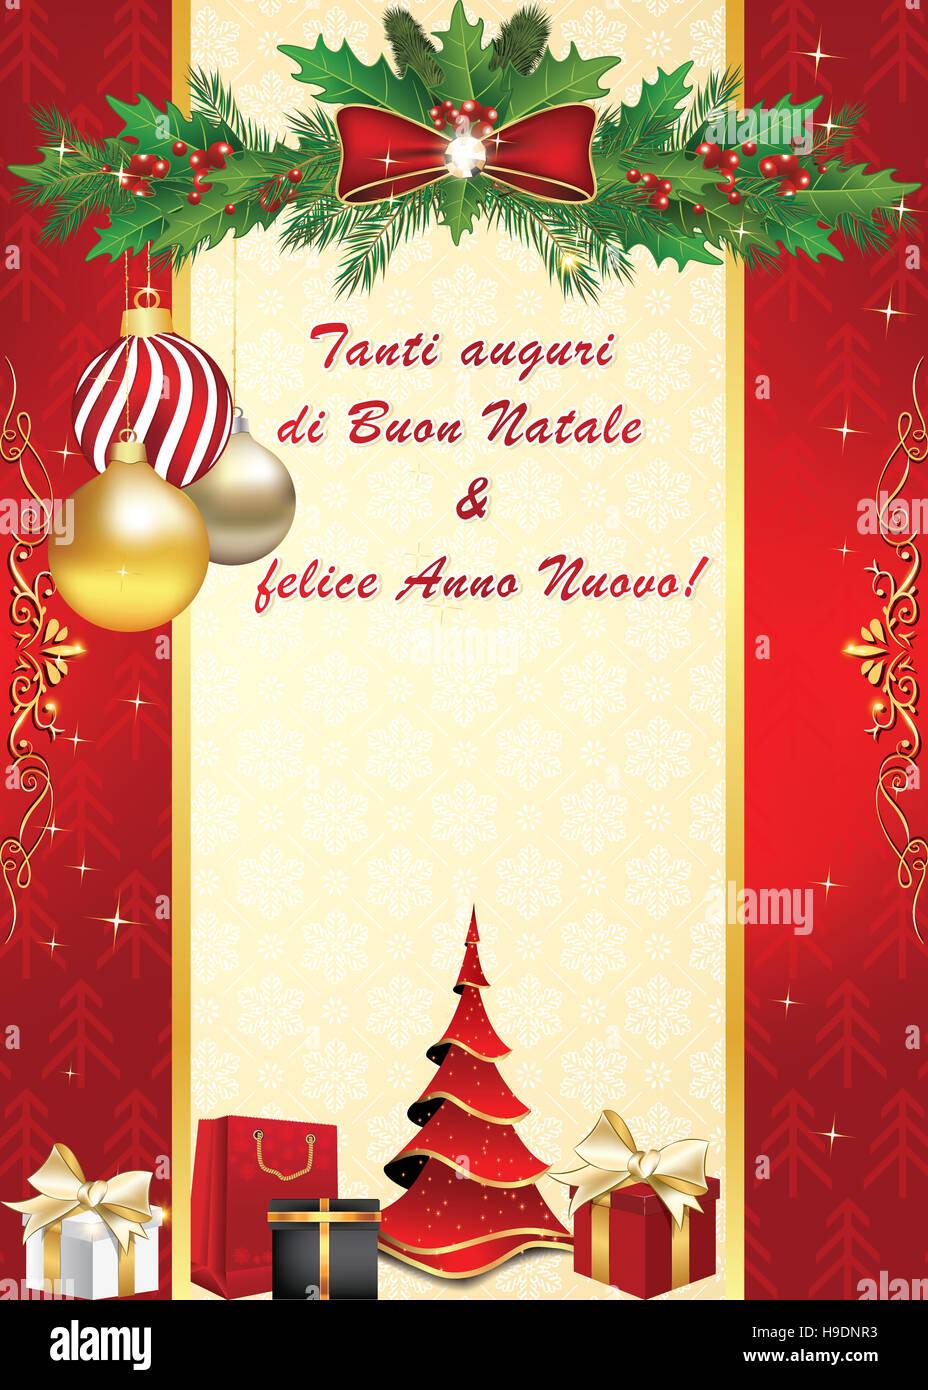 Ben noto Tanti auguri di Buon Natale & felice Anno Nuovo! - Biglietto Stock  PR73